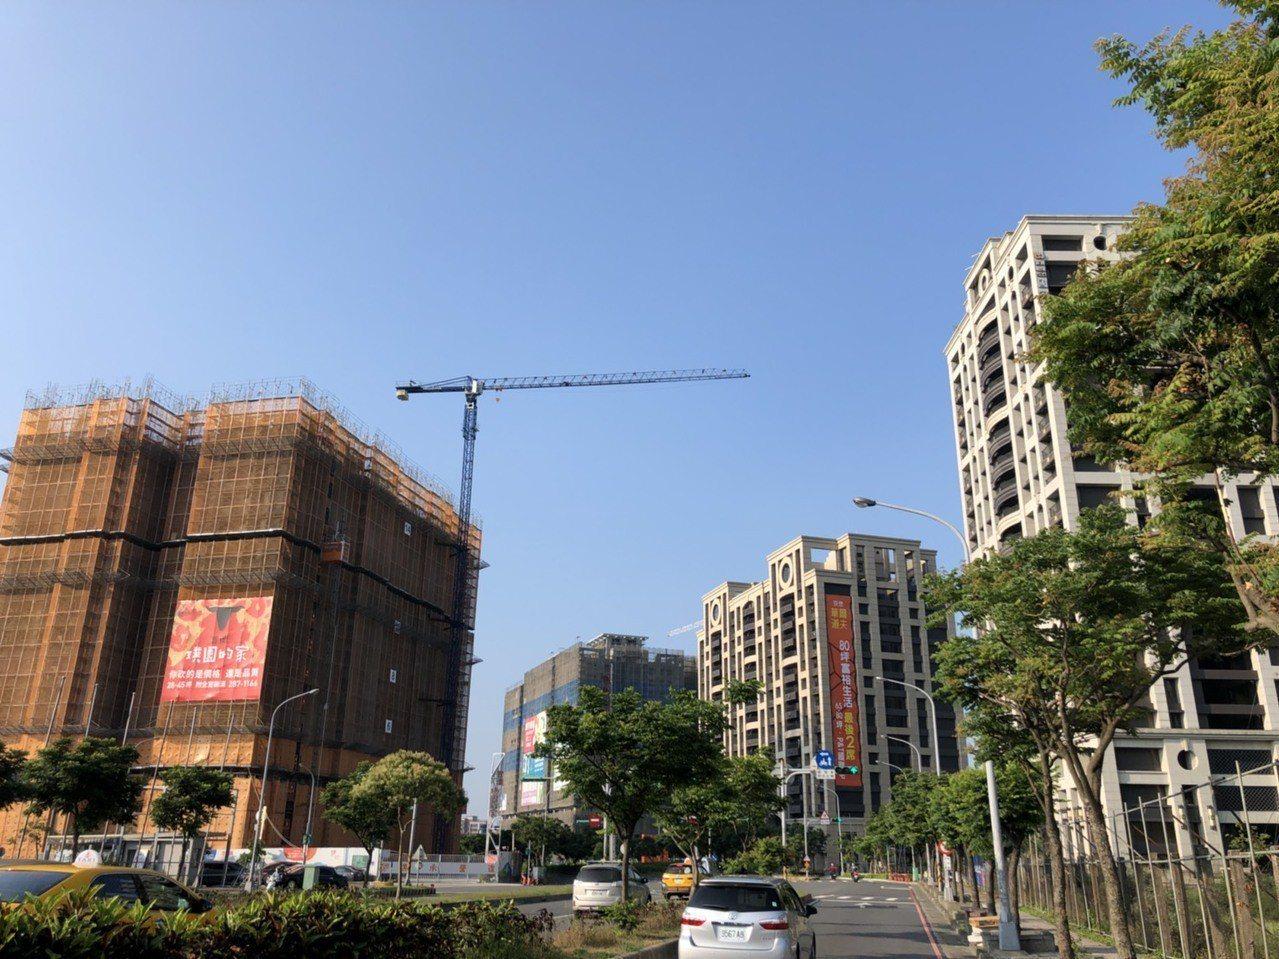 新建餘屋桃園市1.35萬宅排第二,僅次於新北市。 記者游智文/攝影